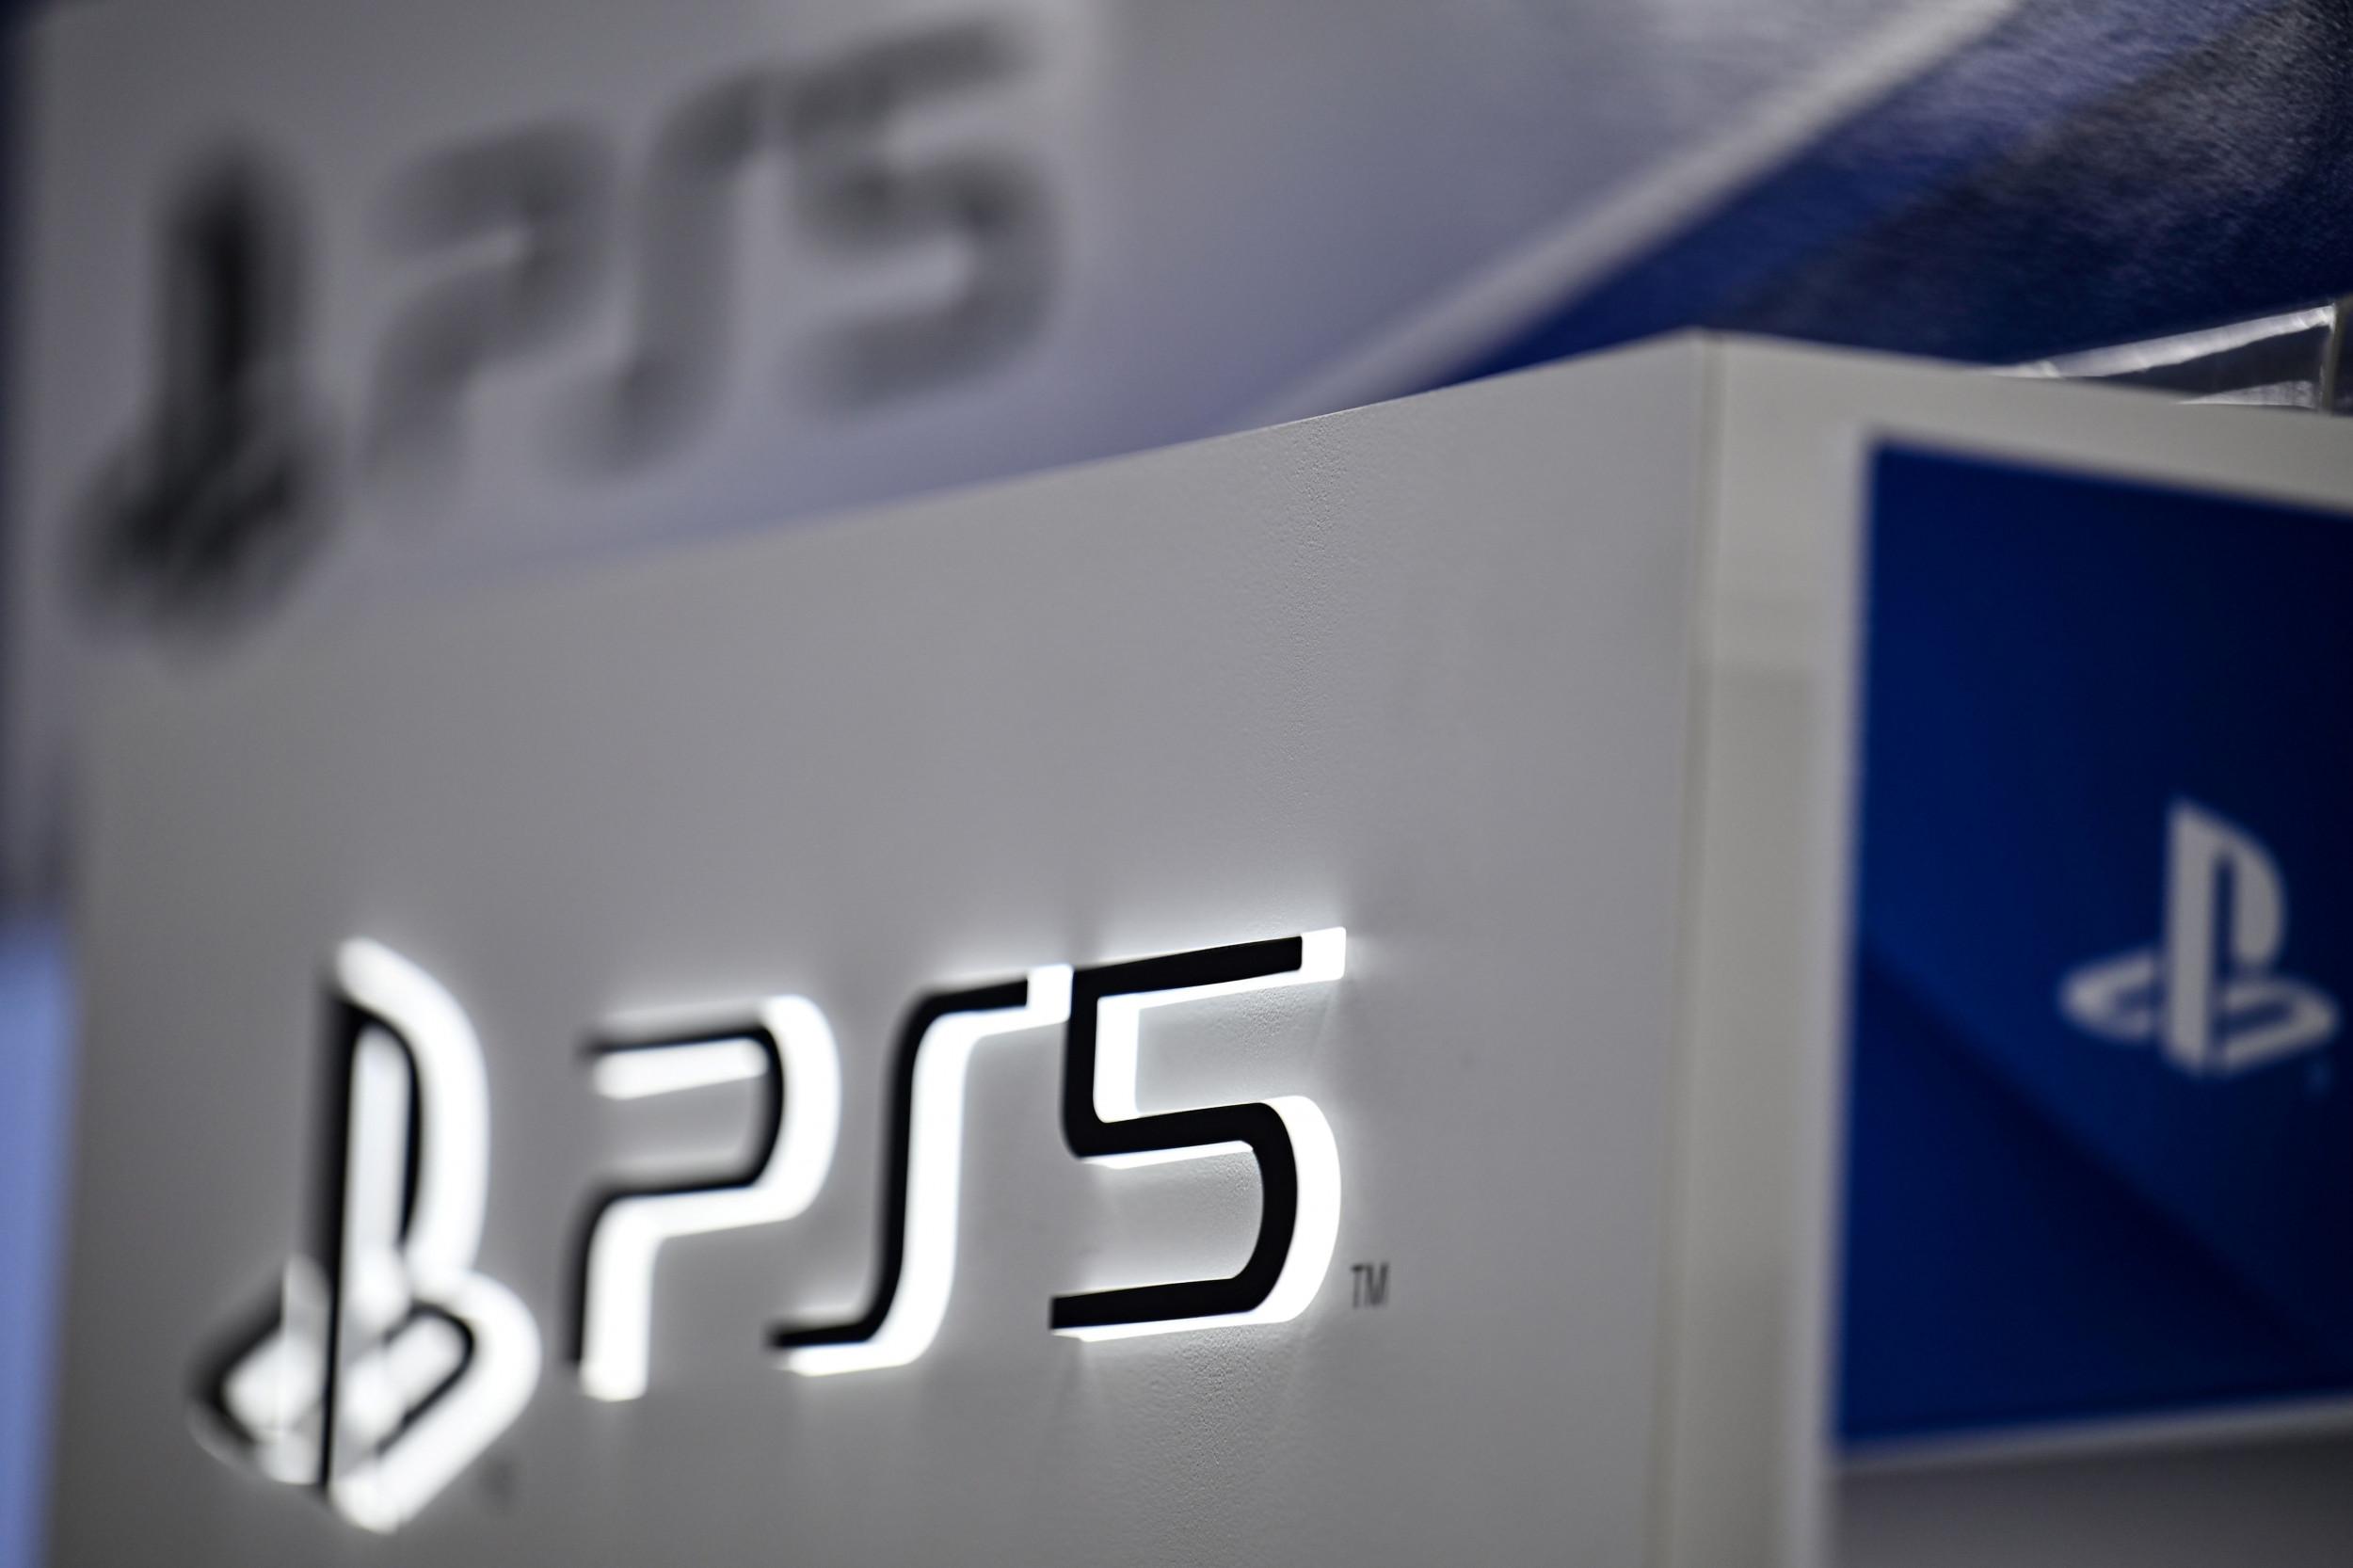 PS5 Restock Updates for Amazon, Antonline, GameStop, Target, Walmart and More - Newsweek